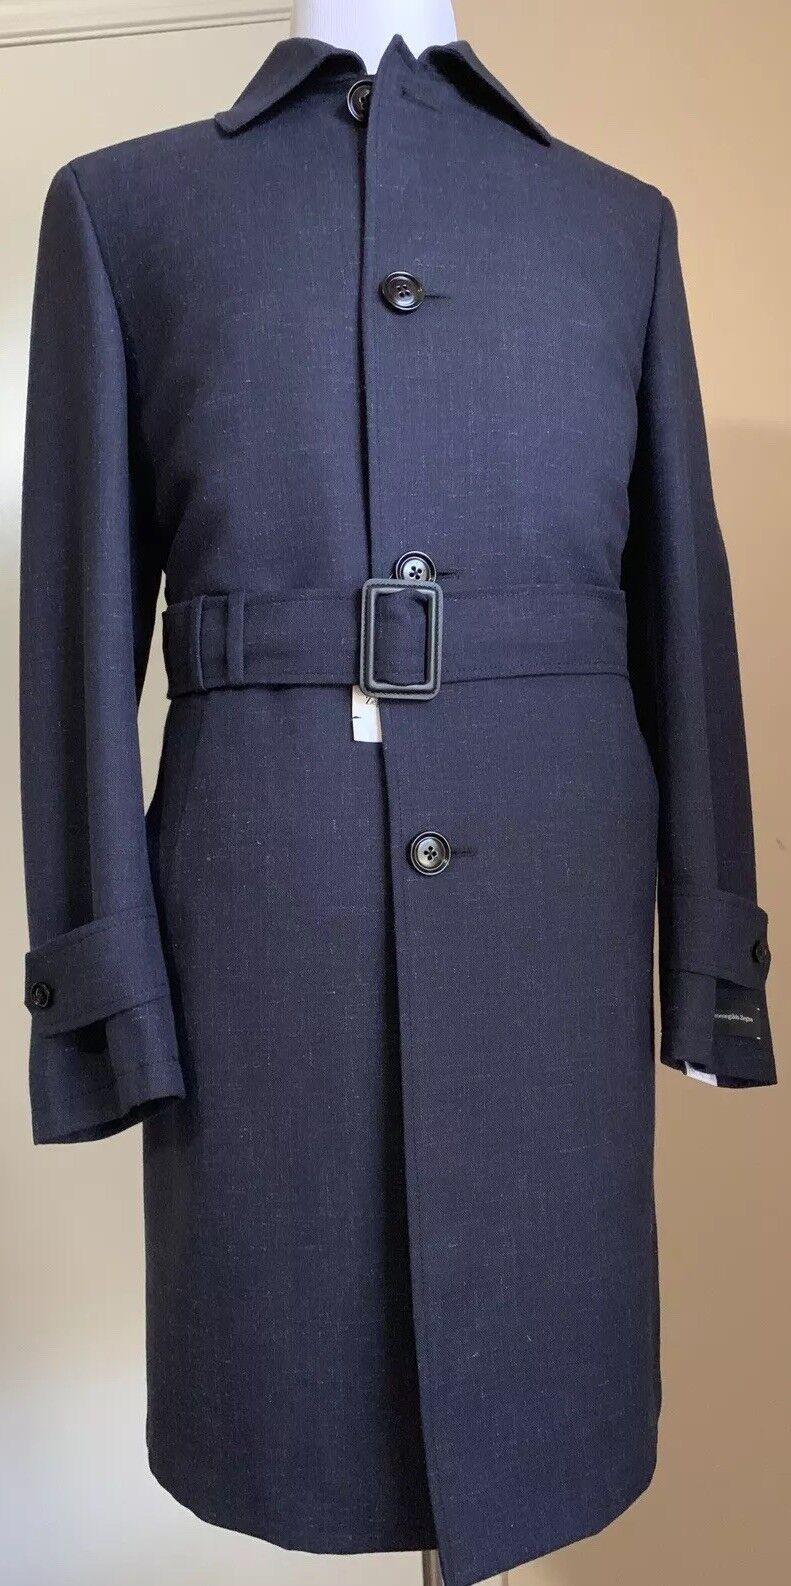 New 3850 Ermenegildo Zegna Trench Coat Coat DK Blau/Navy 38R US ( 48R Eu ) Ita.